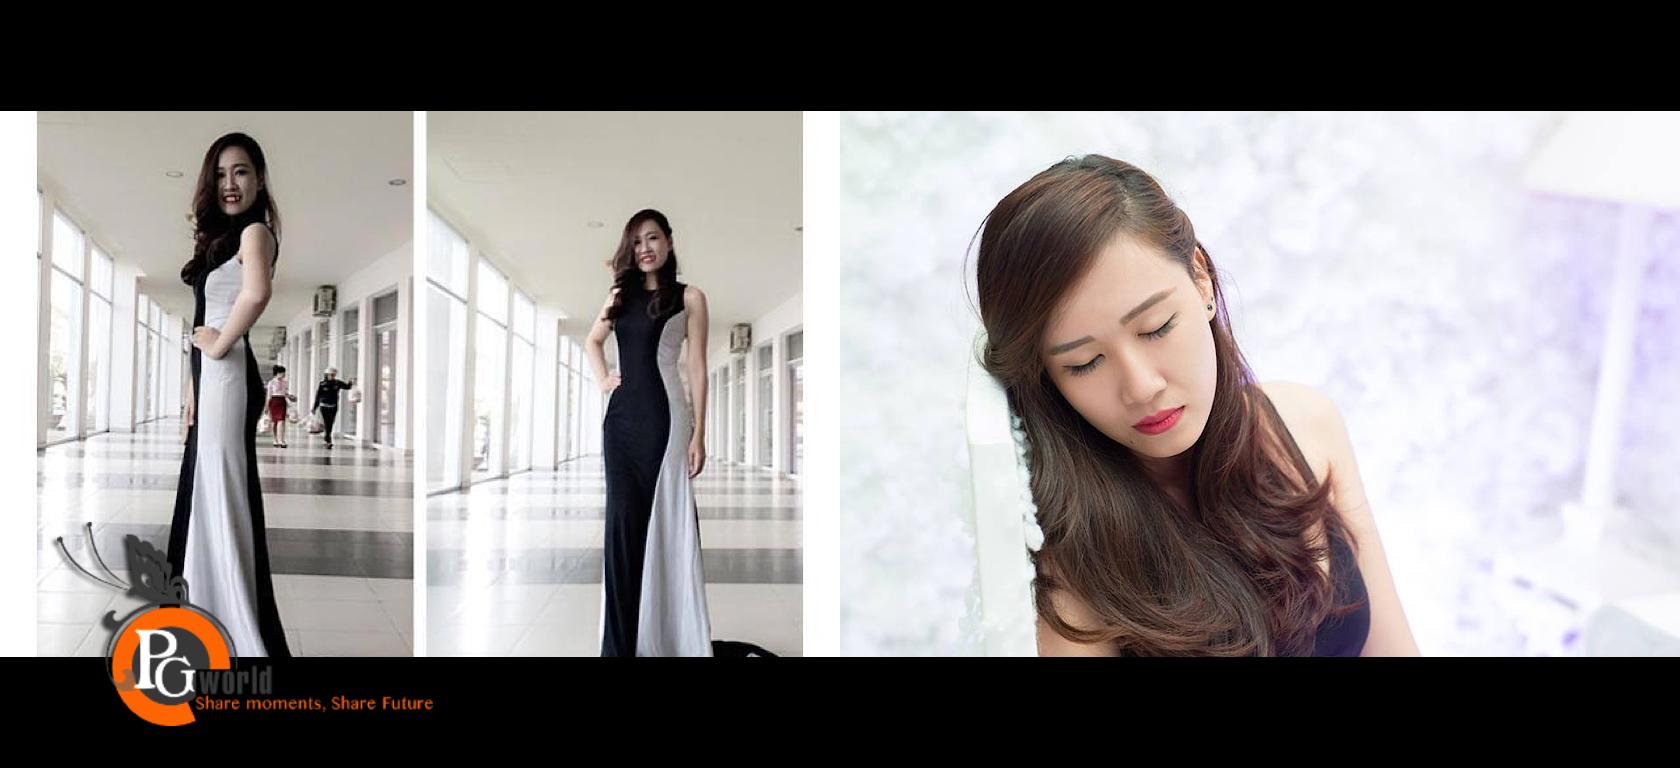 pg-nguoi-mau-model-nguyen-thi-hieu